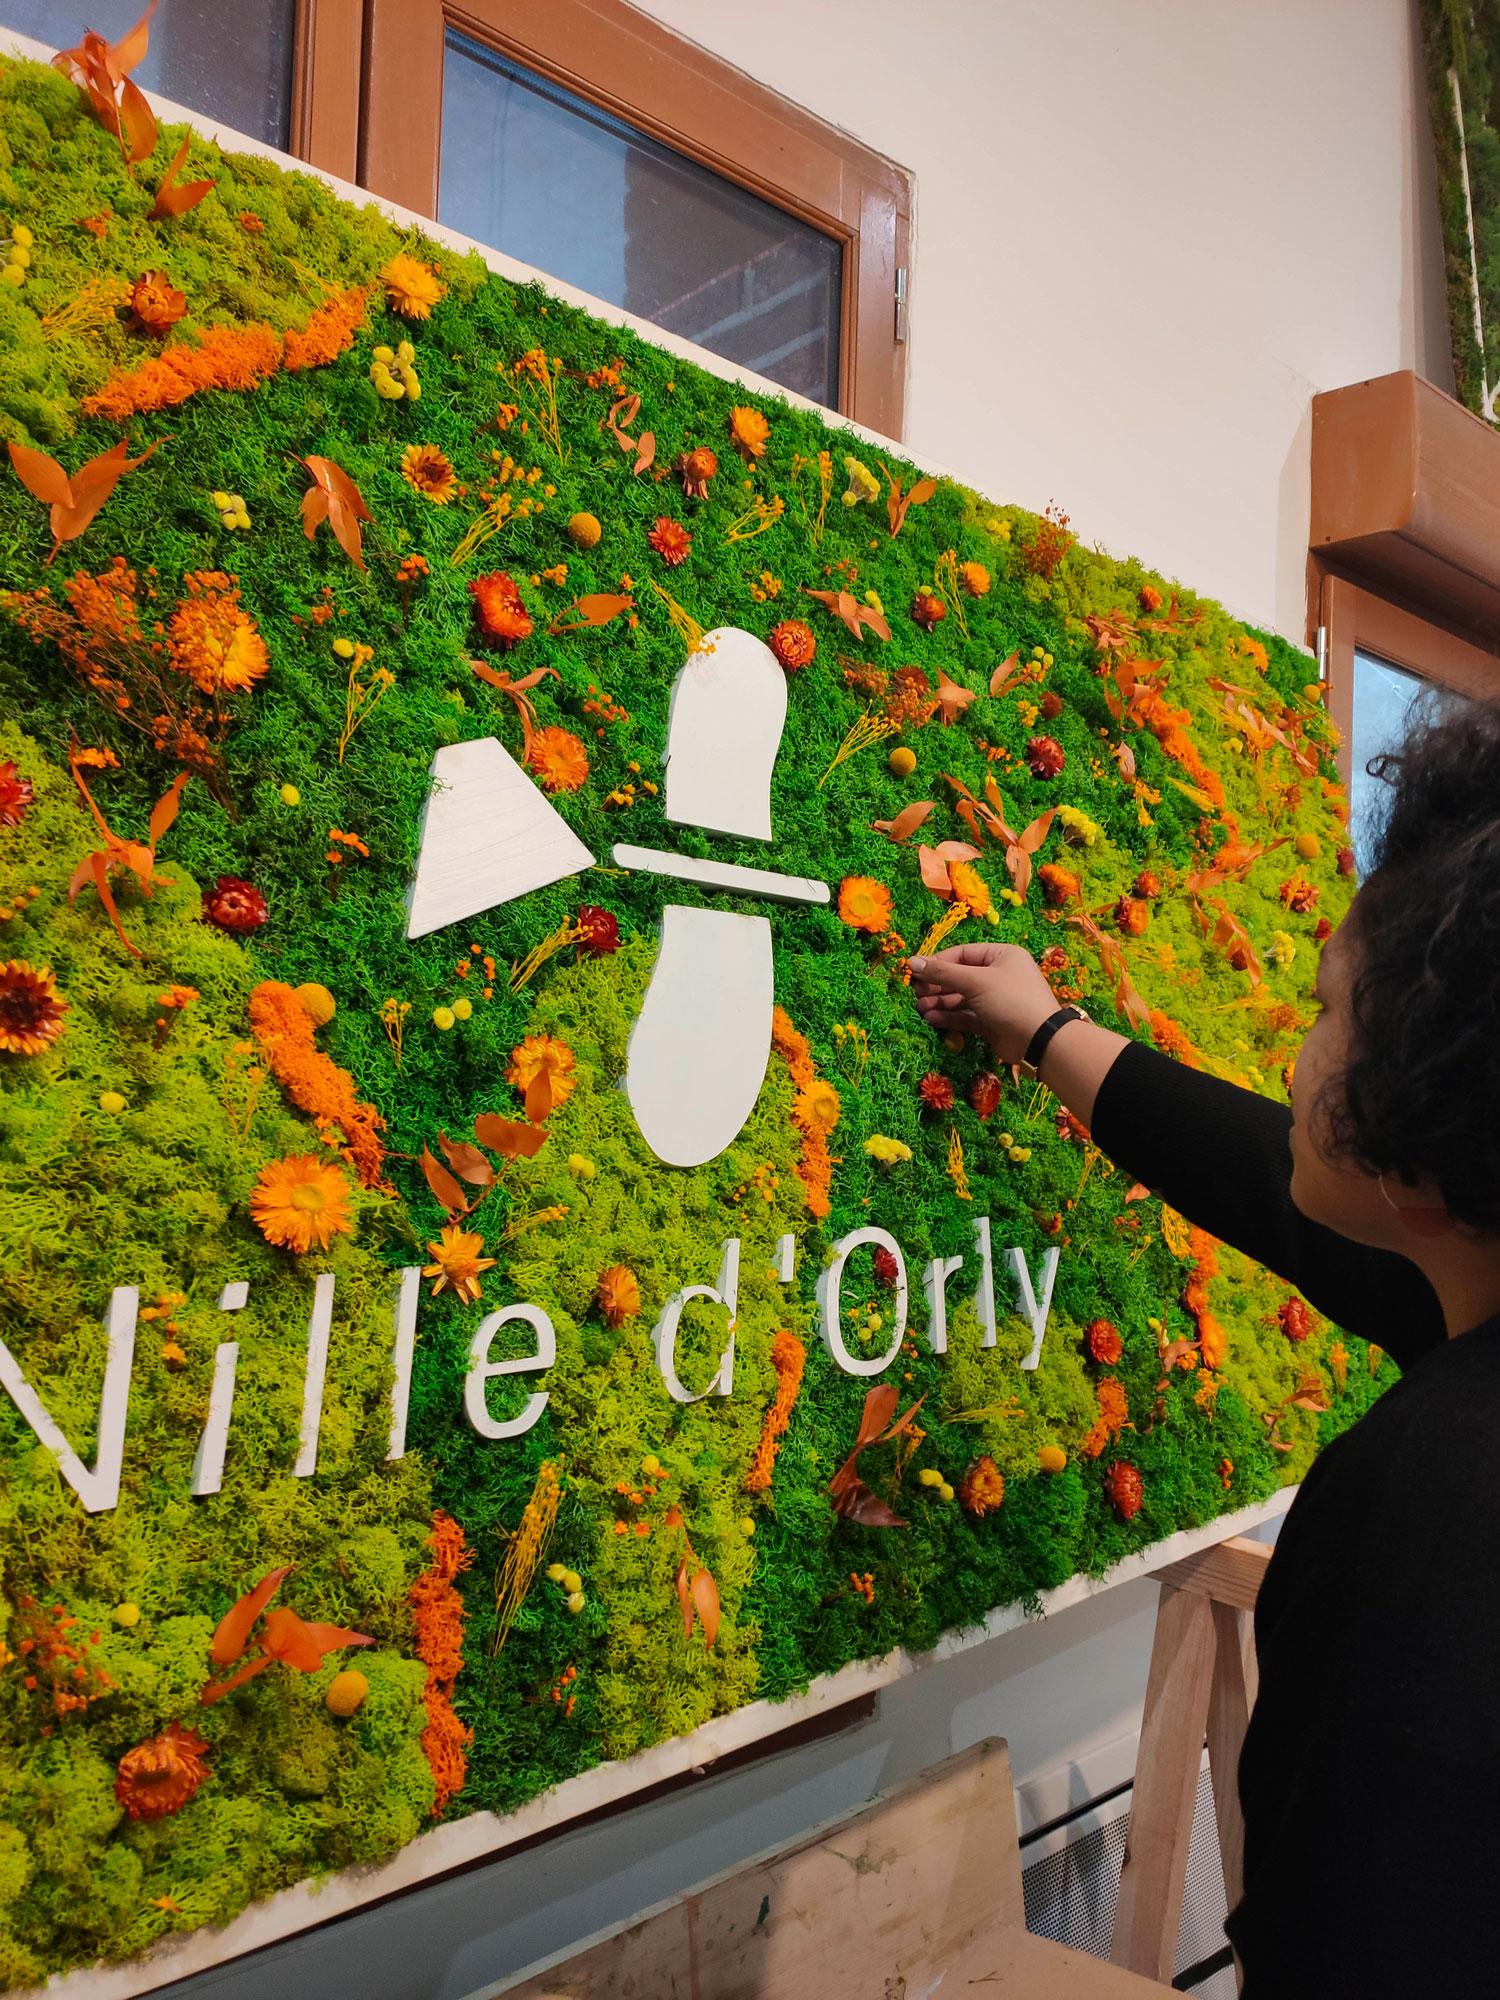 mur végétal sur mesure fresque végétale activité team building entreprise